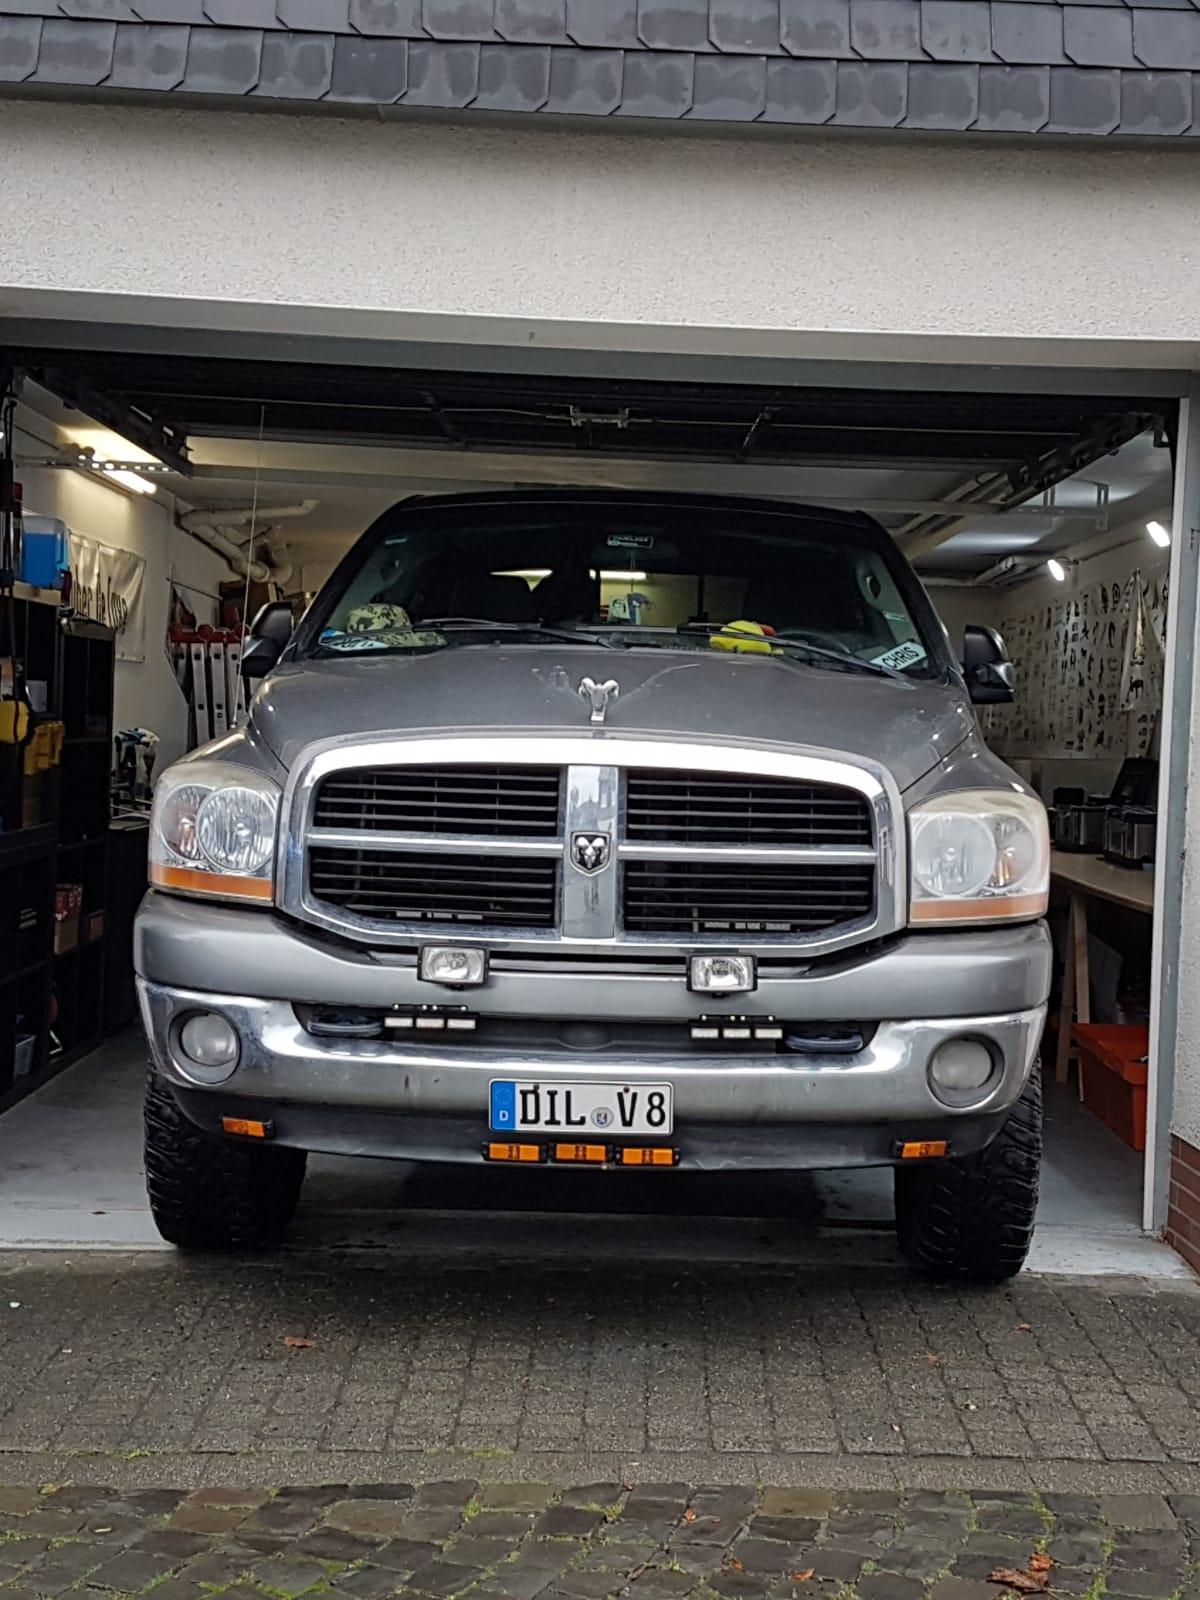 Widder in der Garage